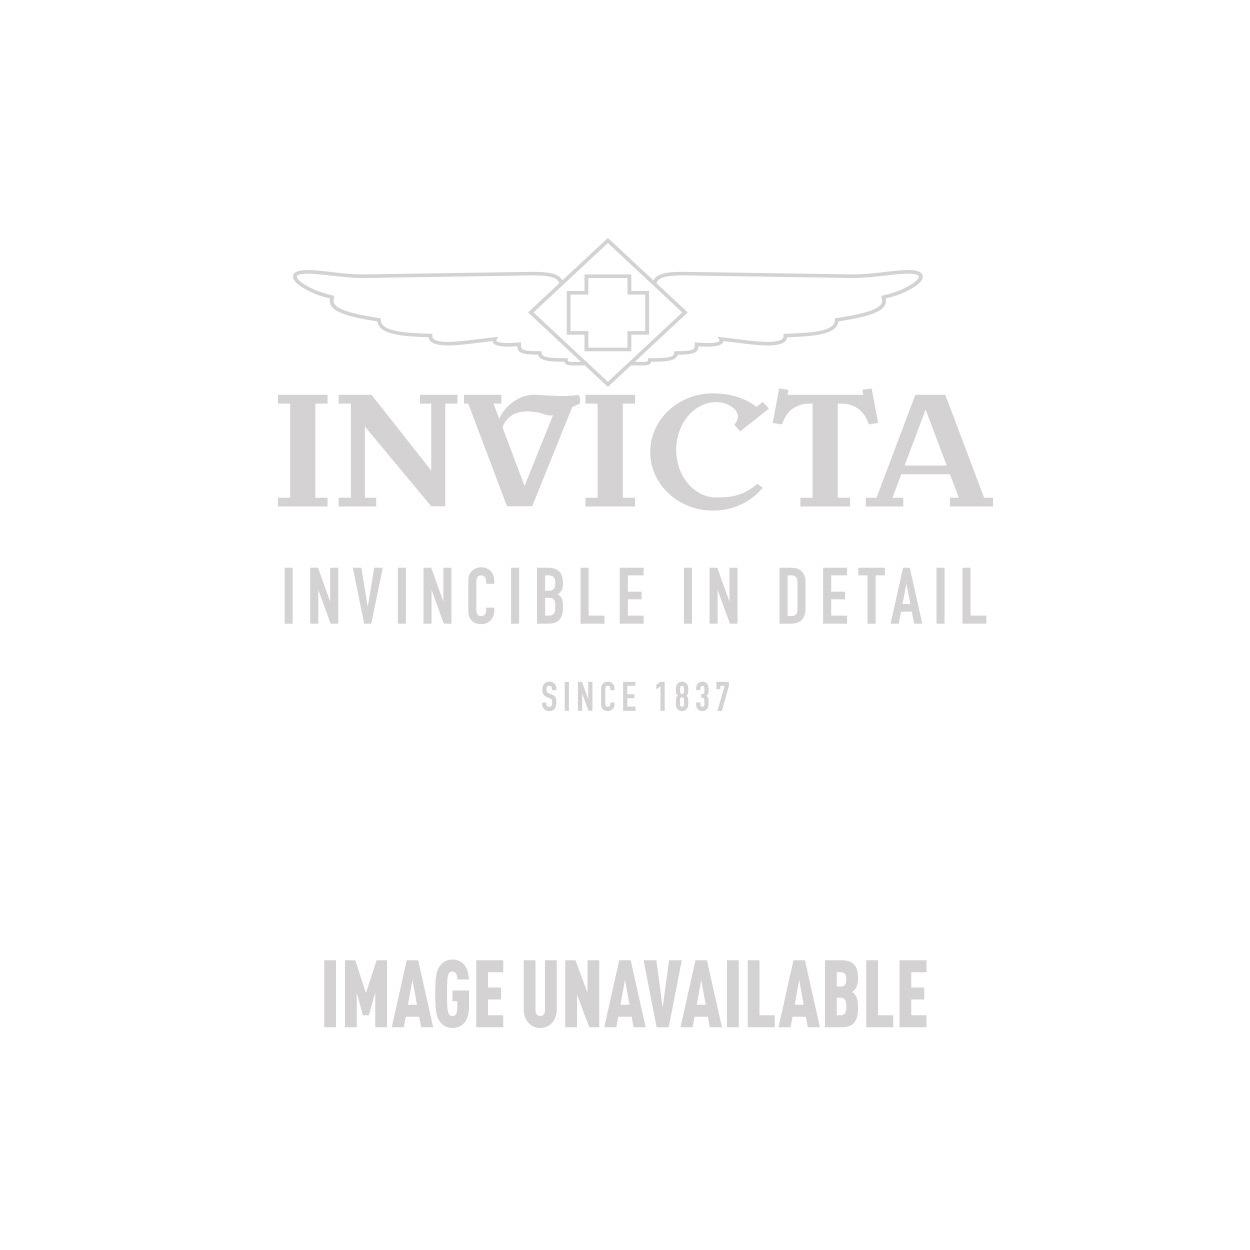 Invicta Model 28535